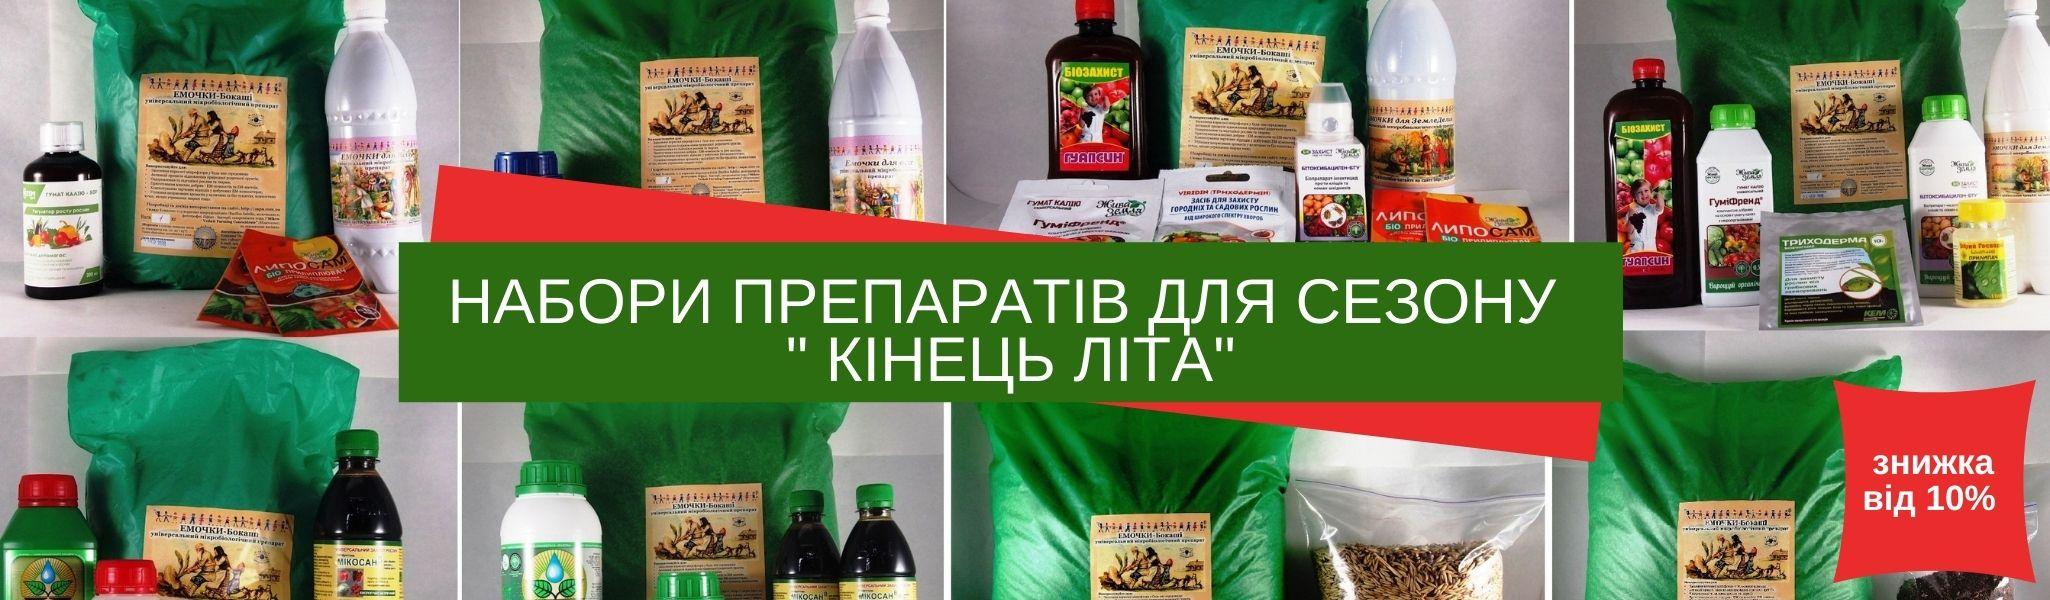 3 1 - Заря микробиоэффект купить бокаши, эмочки, защита растений, удобрения